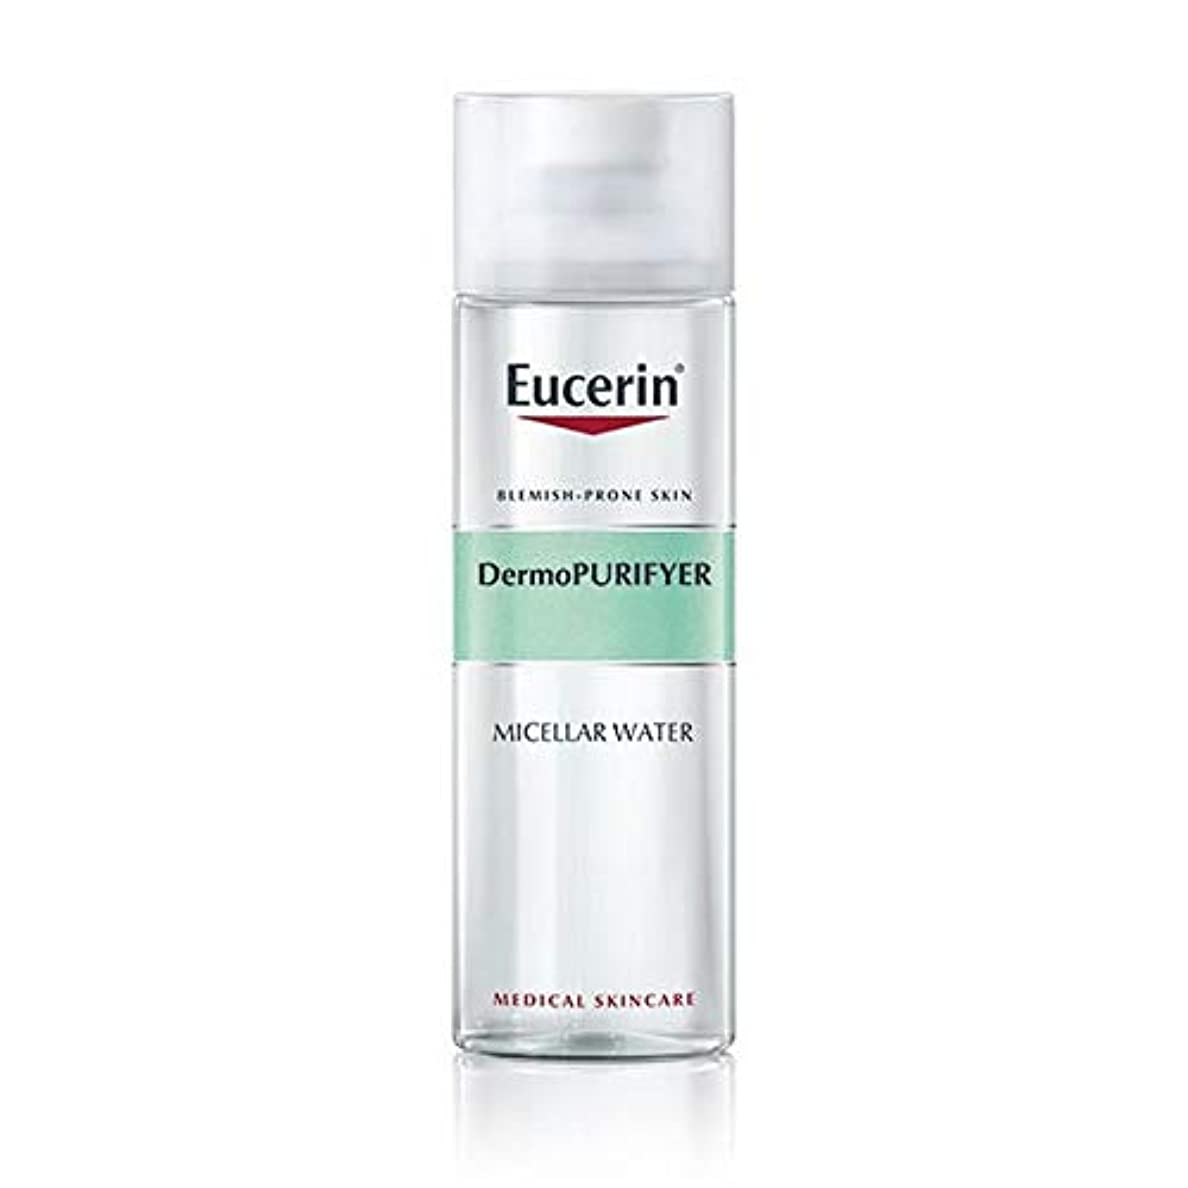 霧ベーカリー問い合わせ[Eucerin ] オイルコントロールミセル水200ミリリットルDermopurifyerユーセリン - Eucerin Dermopurifyer Oil Control Micellar Water 200ml [...